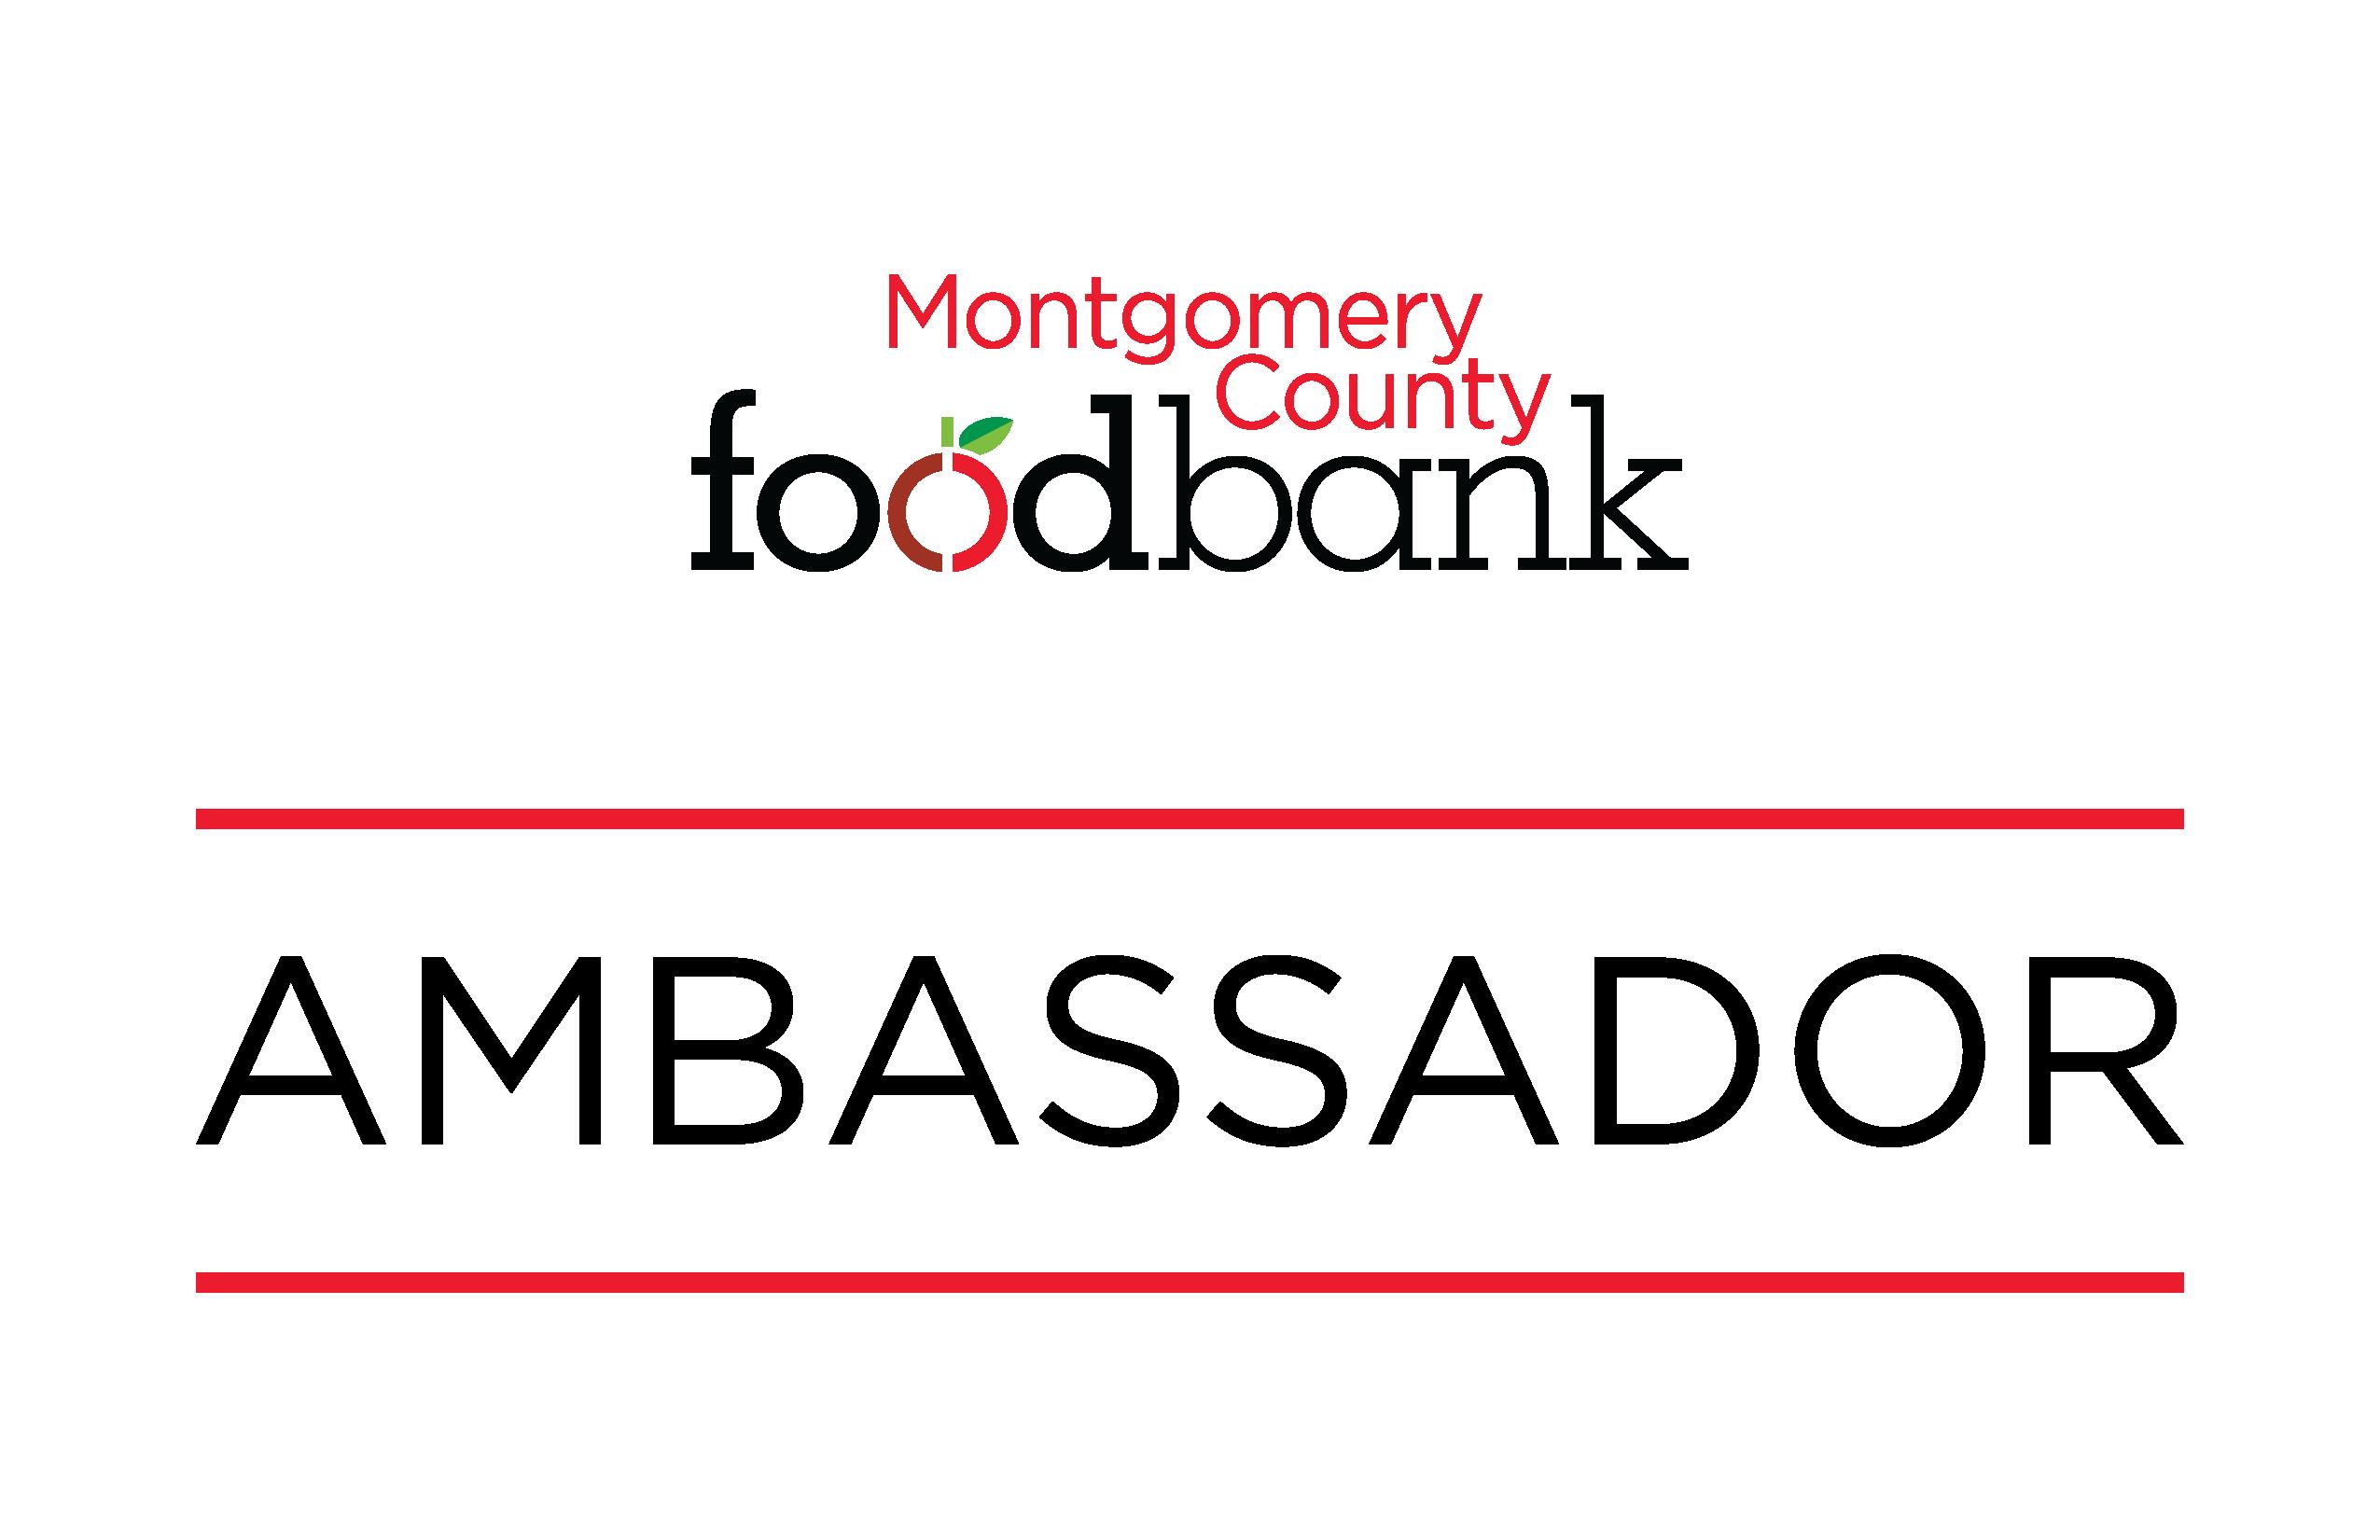 MCFB Ambassador Logo